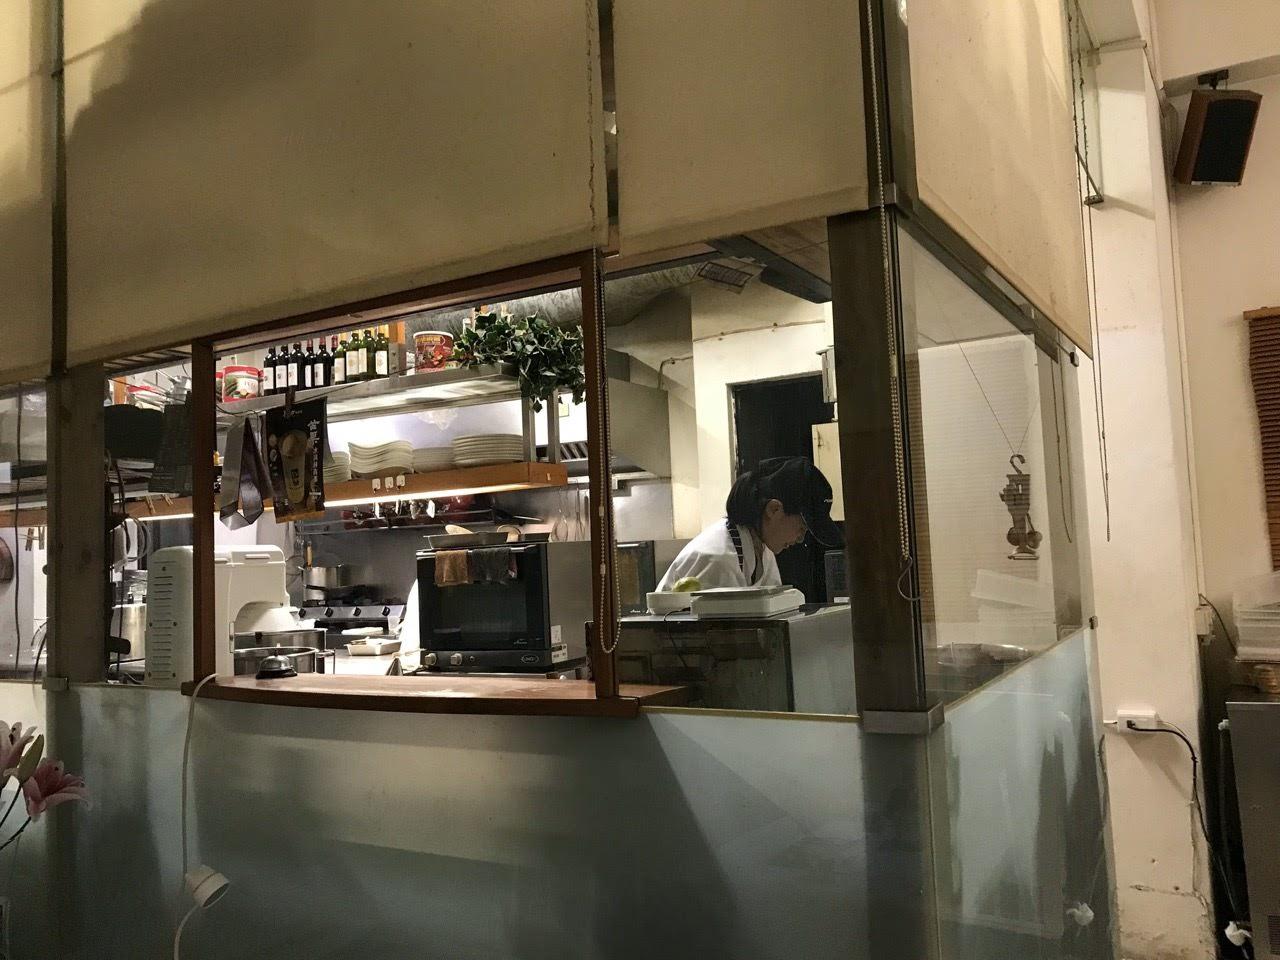 【台中|西屯】菲菲花園‧義式餐廳|在地深耕15年的義式餐廳|難忘的和牛排餐與道地的義式燉飯|台中西屯牛排